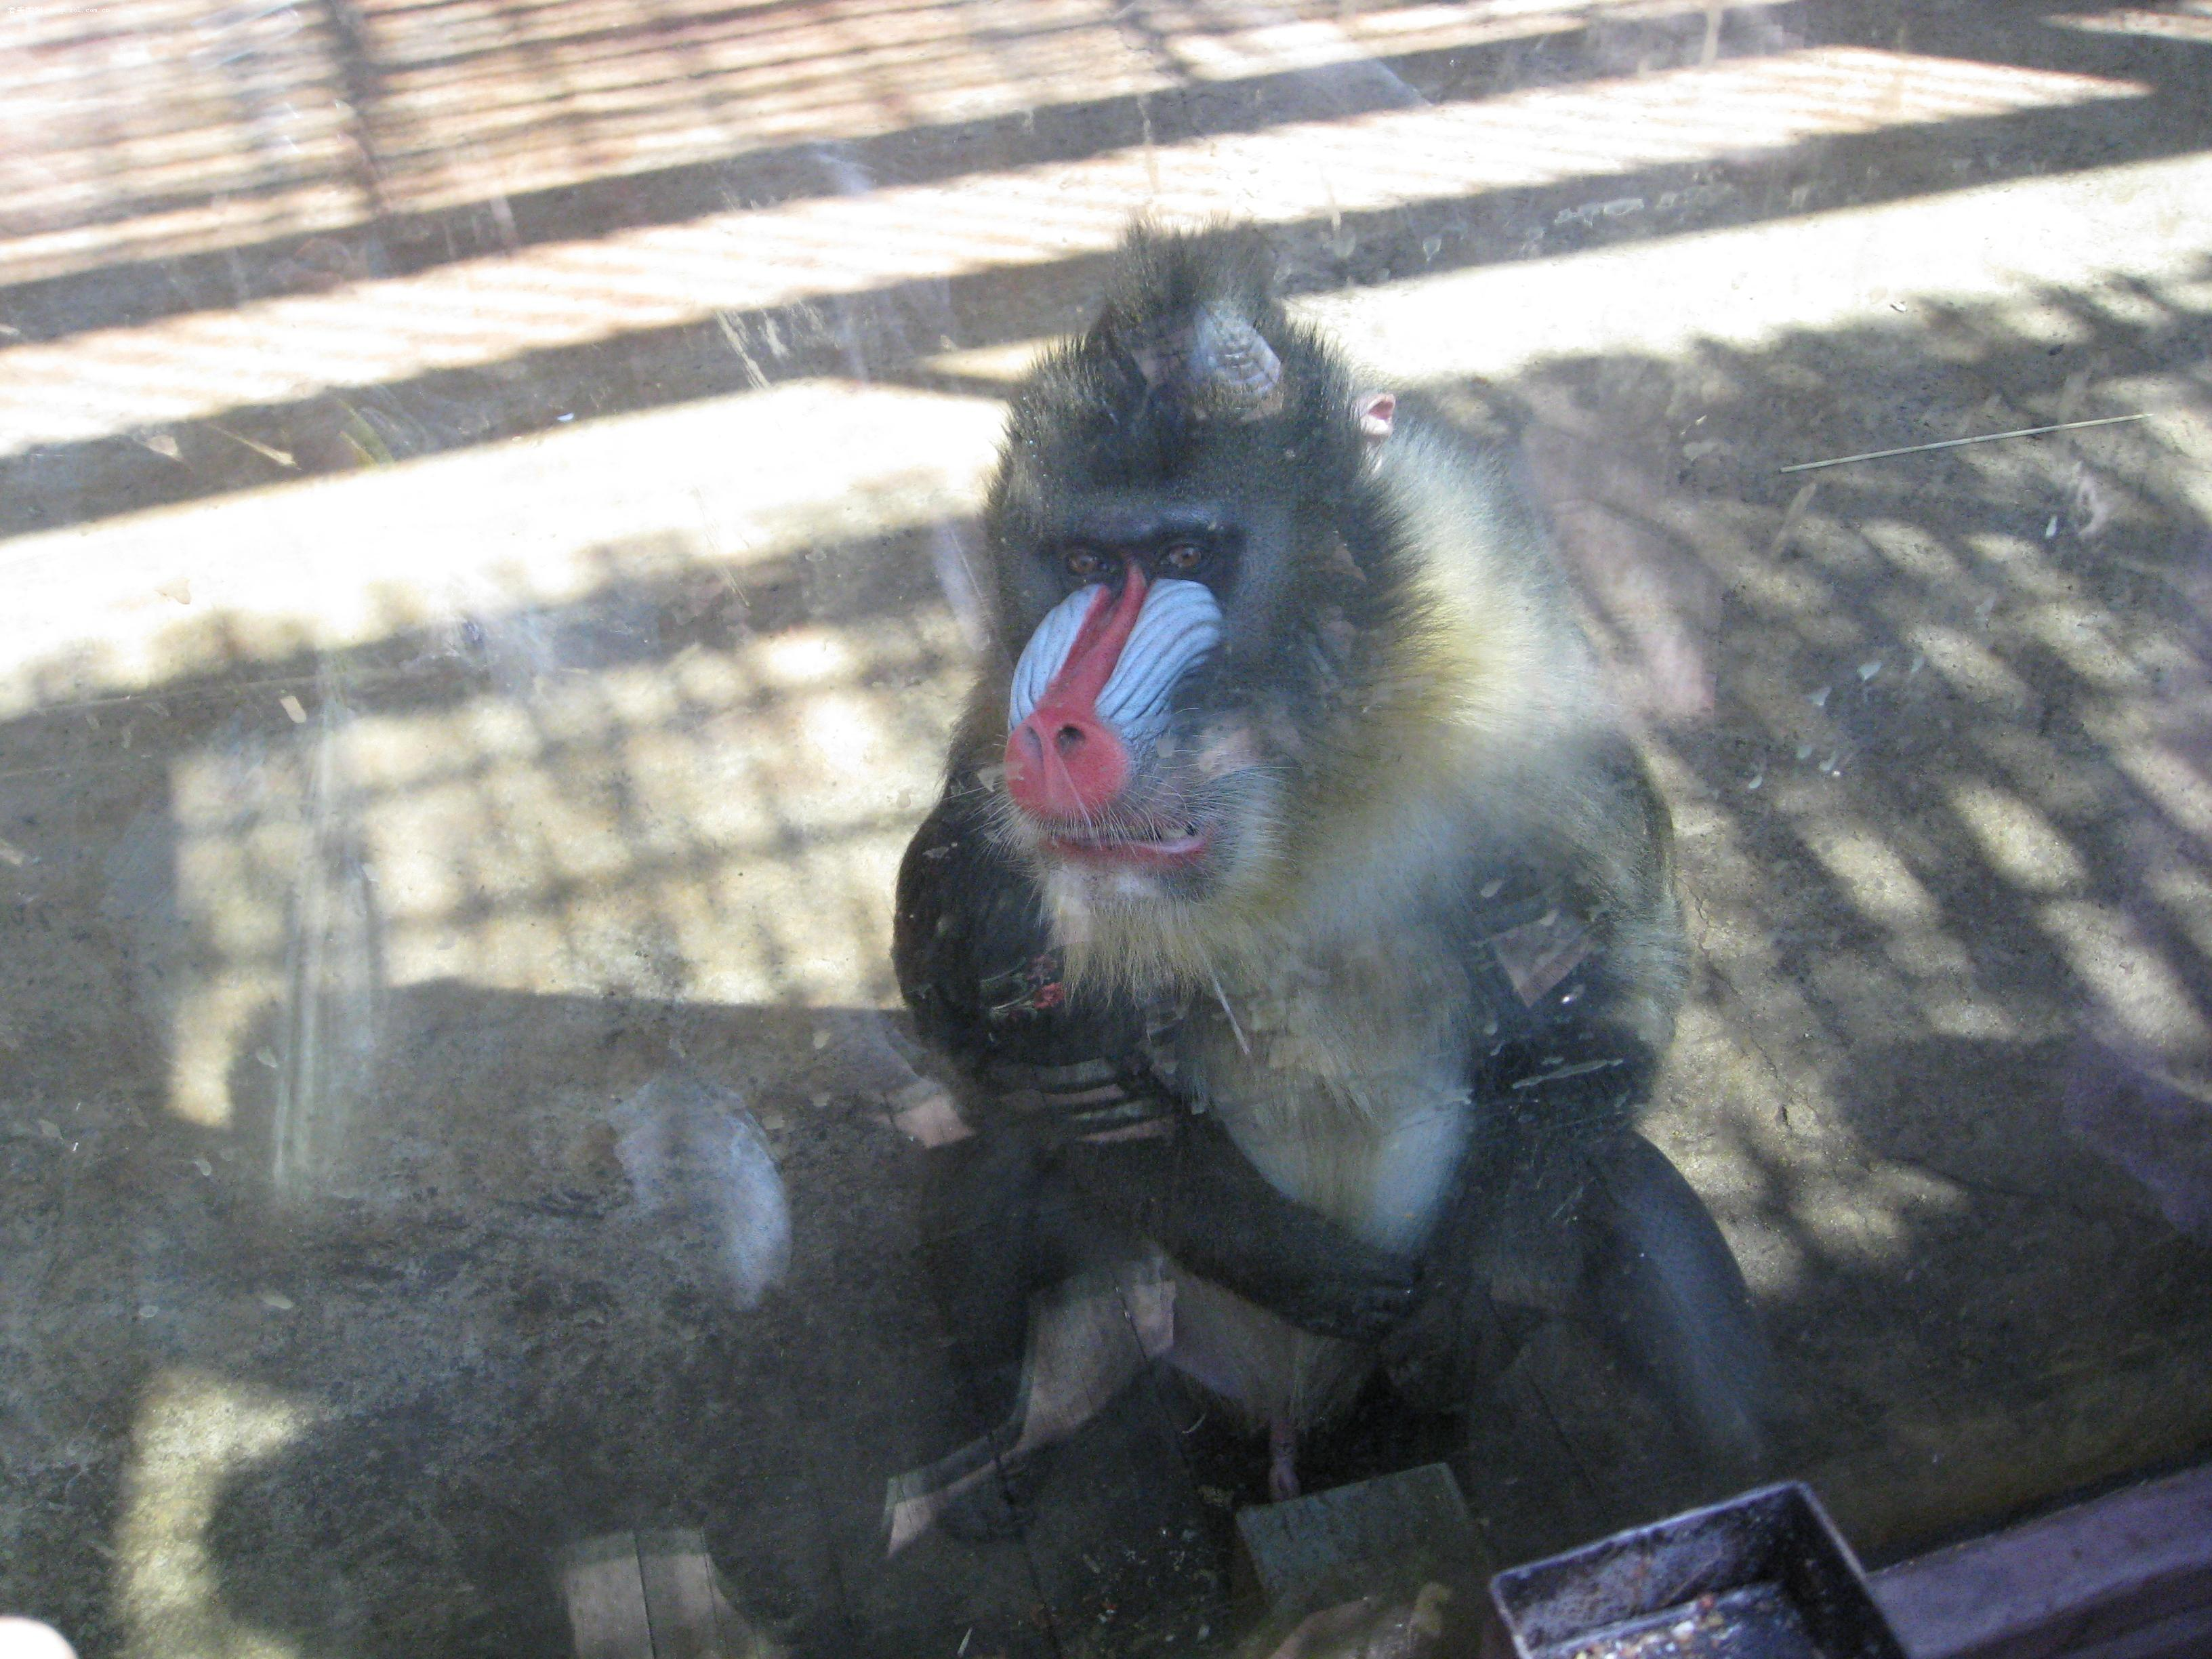 沈阳棋盘山森林野生动物园游览图片之笼养篇